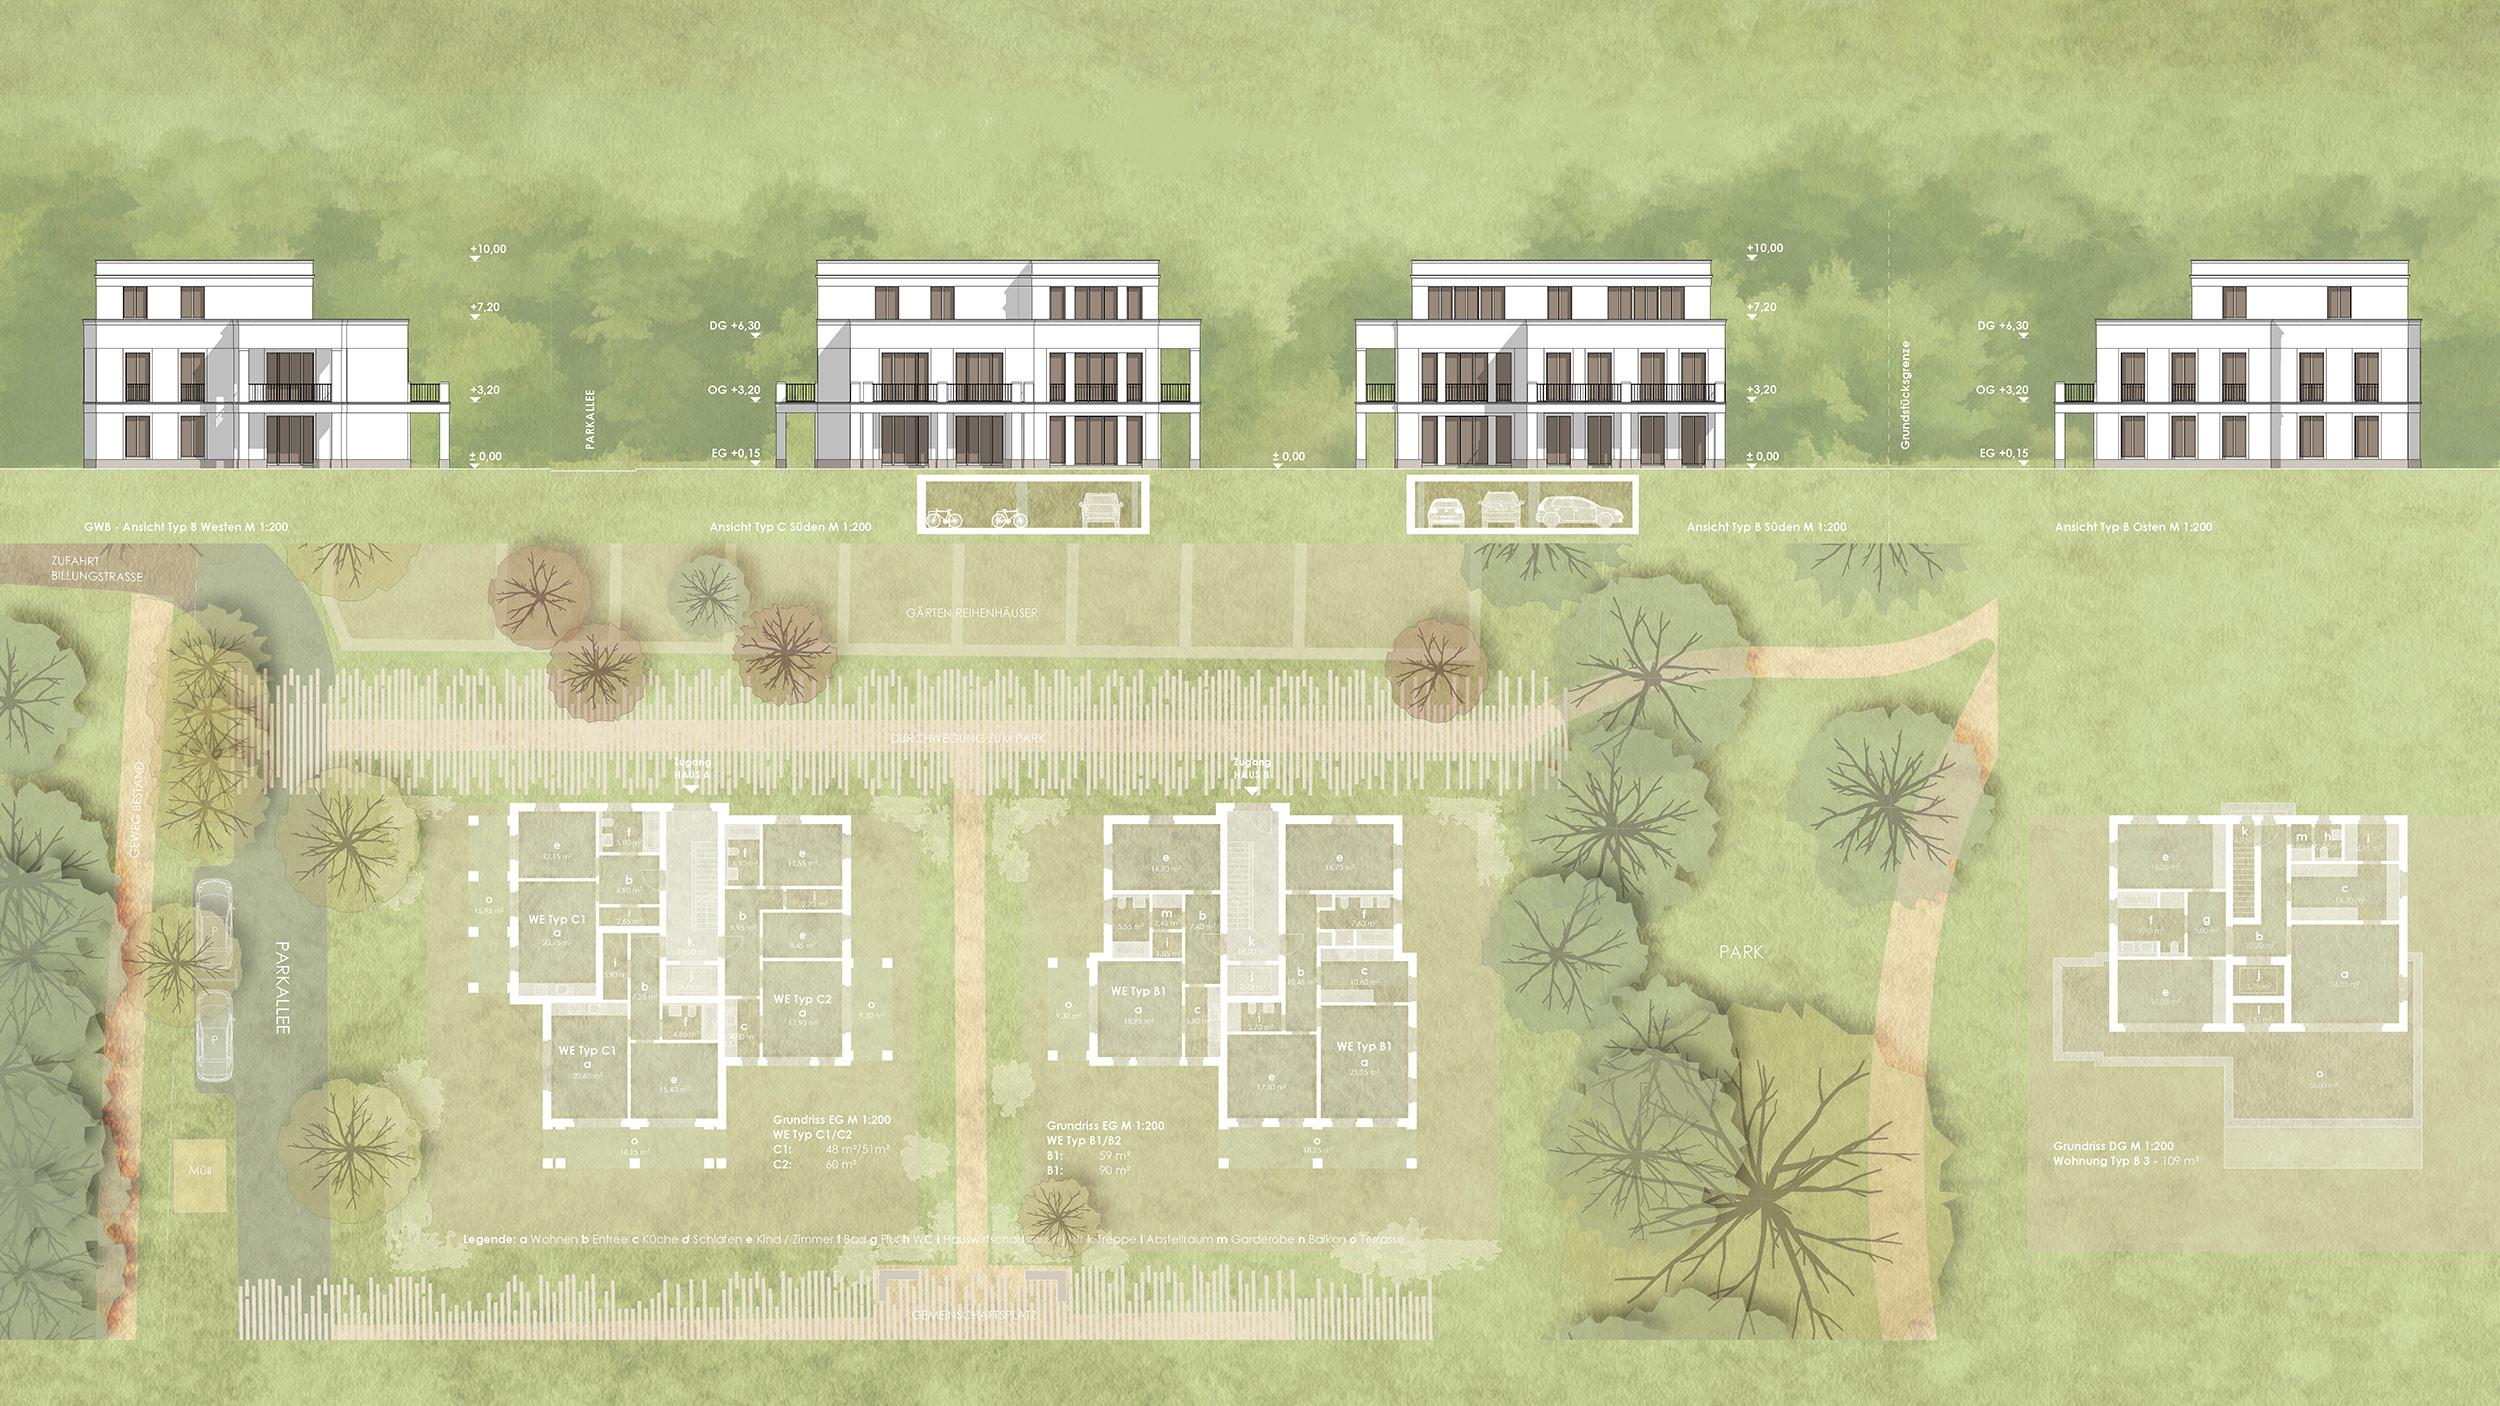 Wohnensemble im Landschaftspark - Errichtung von Neubauwohnungen - Mehrfamilienhäuser mit flexiblen Wohnungsgrößen